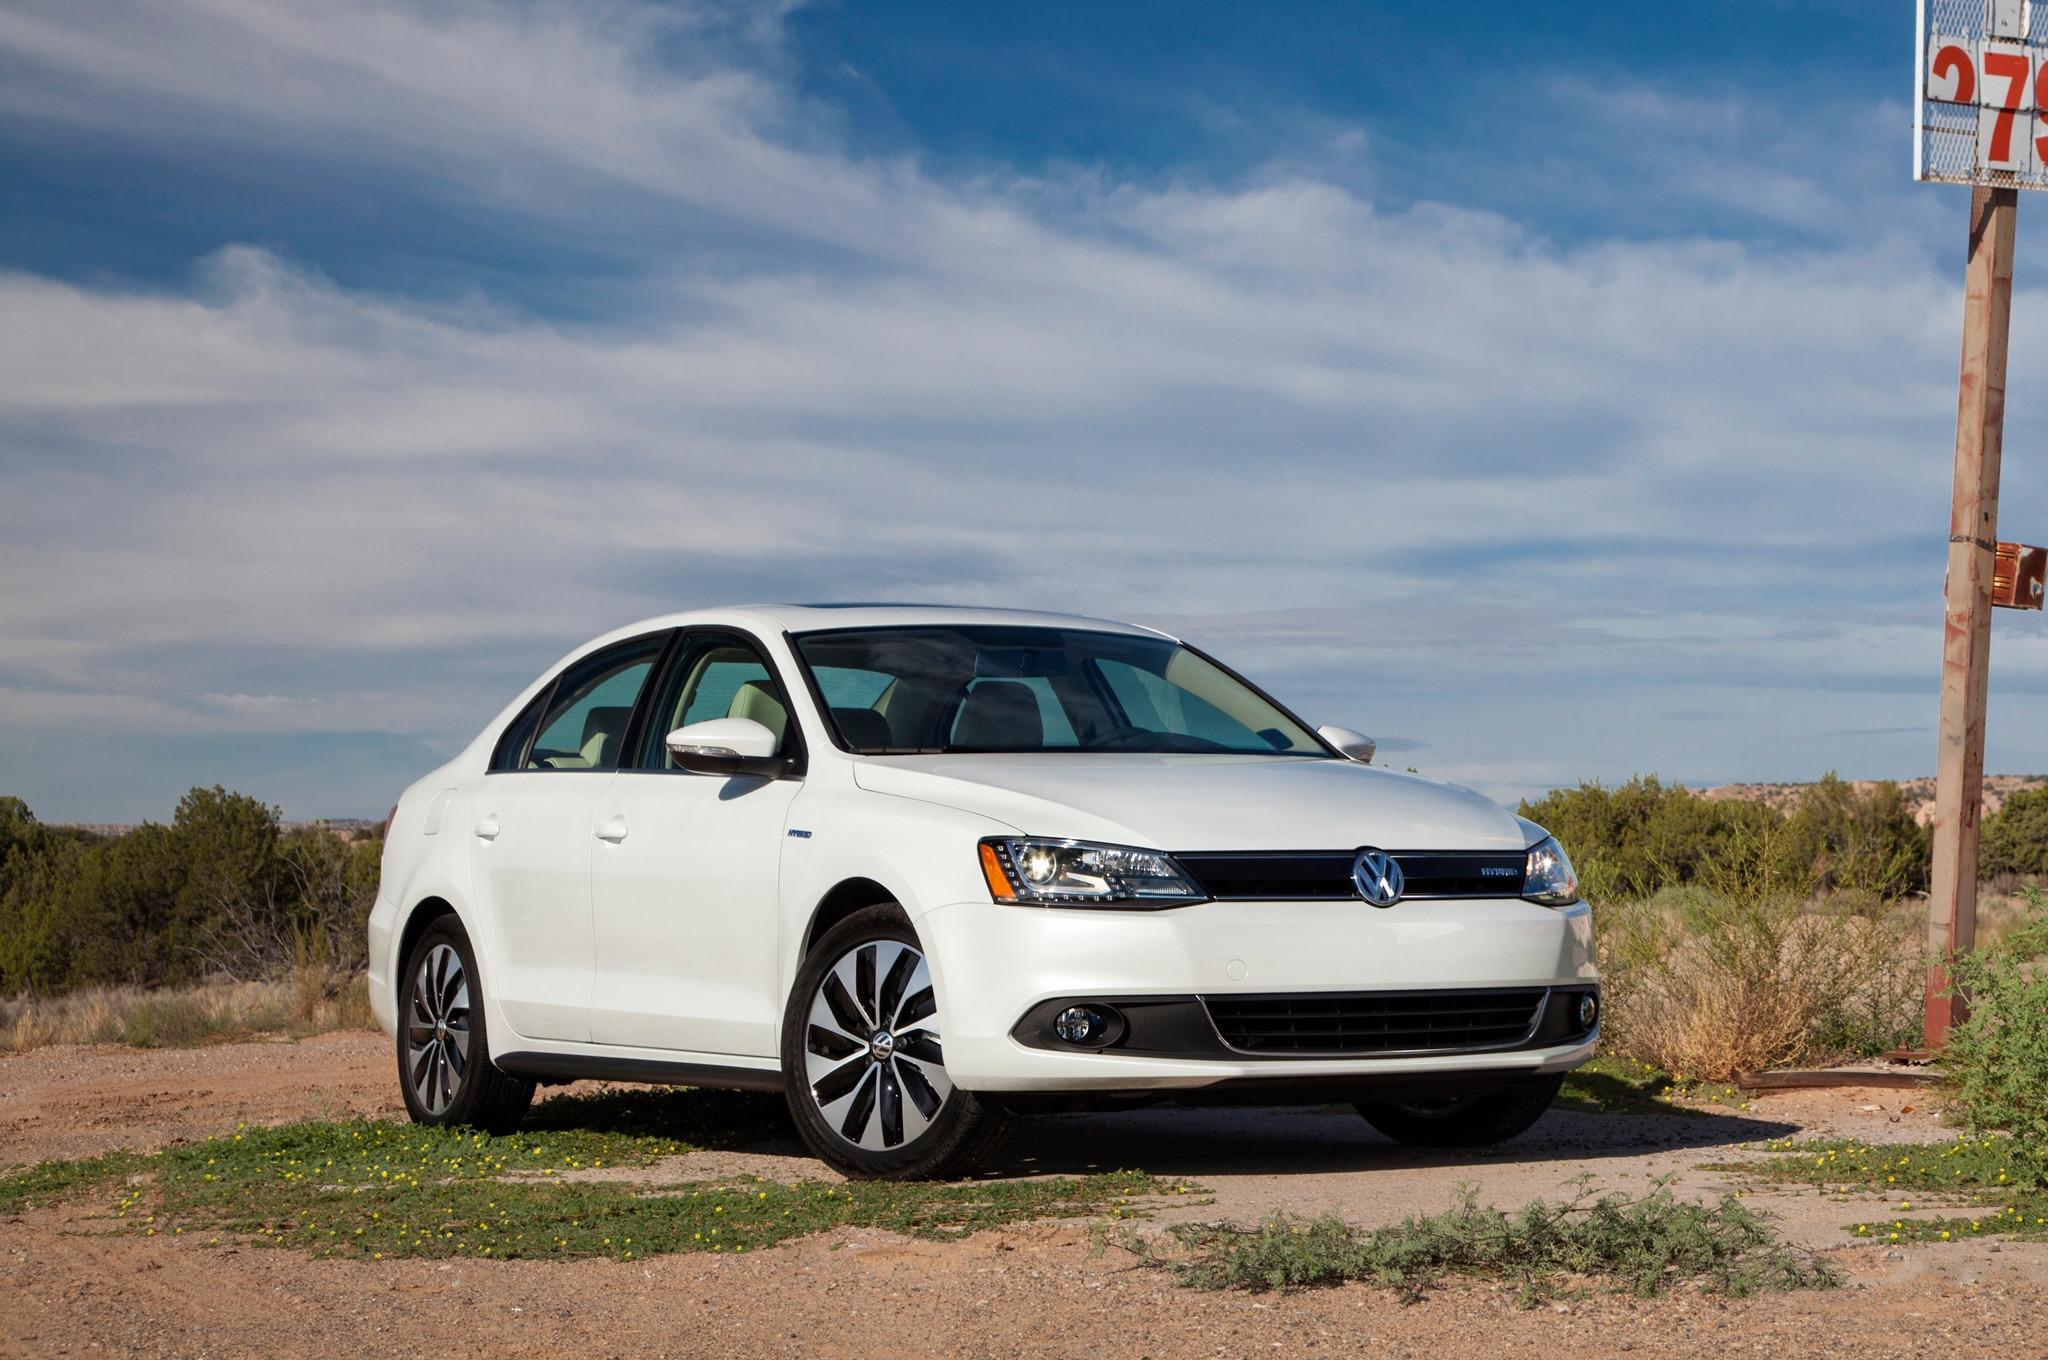 2014 Volkswagen Jetta GLI Edition 30 Announced - Automobile Magazine